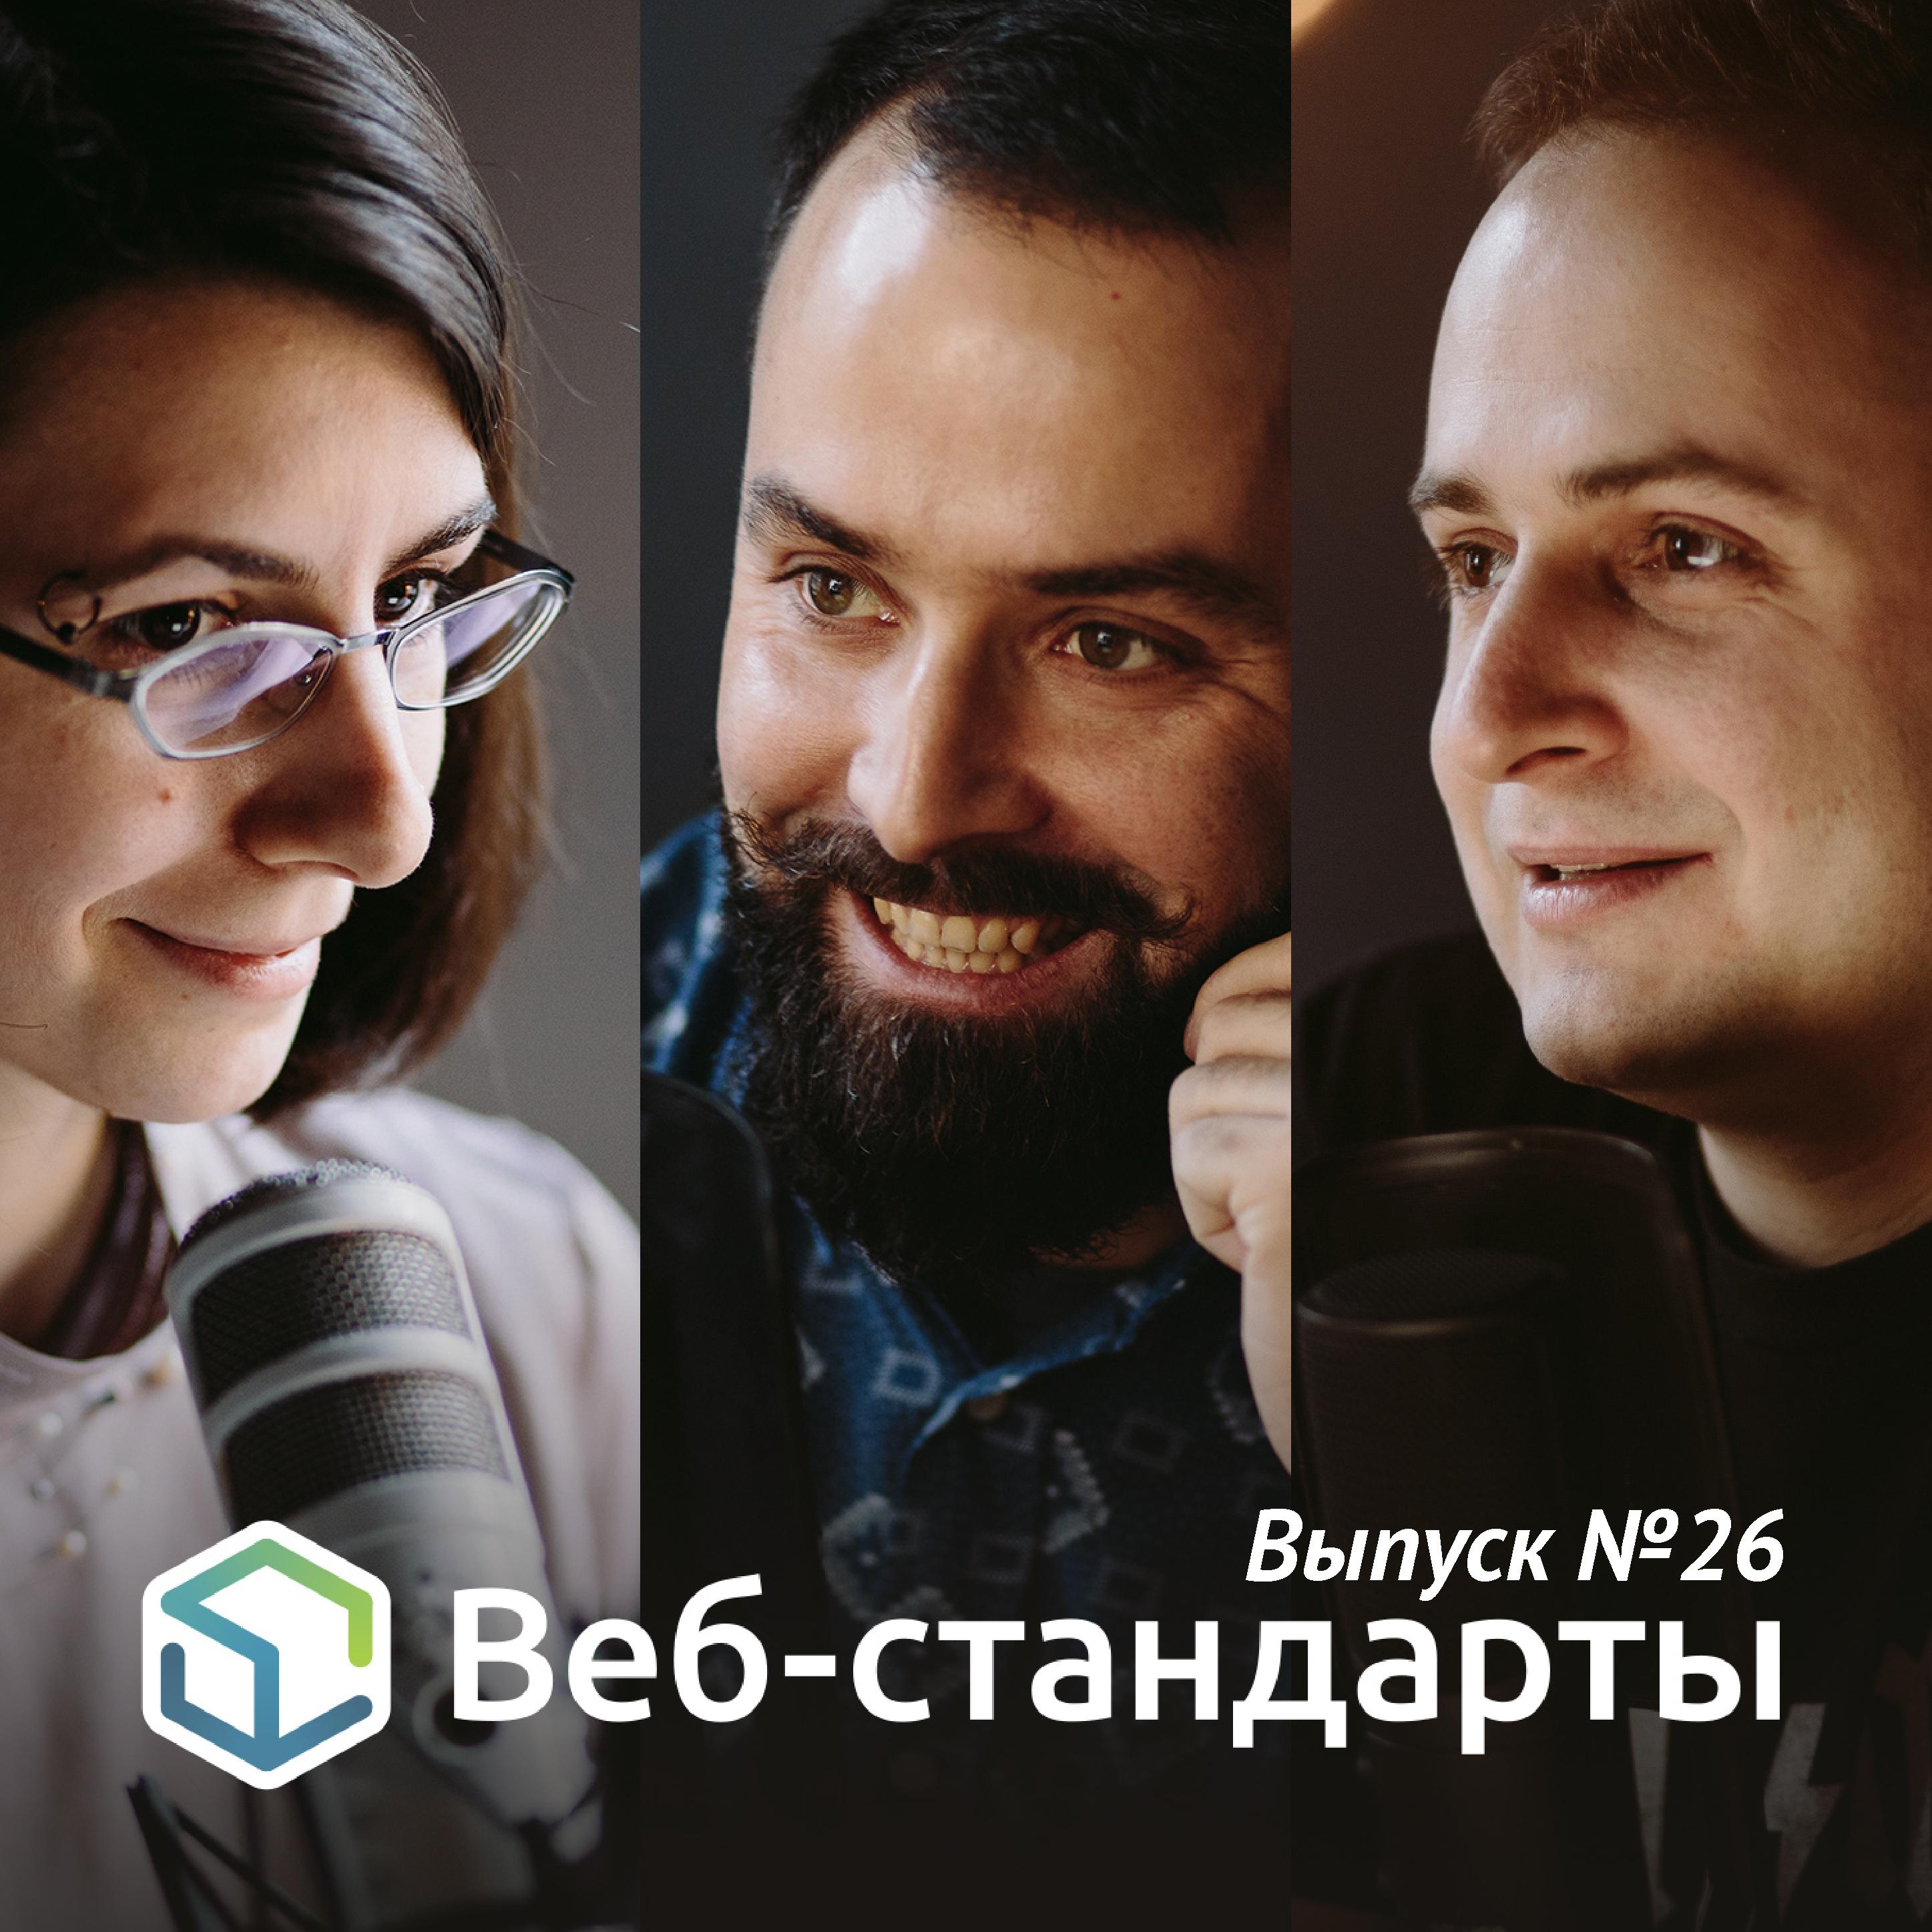 Алексей Симоненко Выпуск №26 алексей симоненко выпуск 66